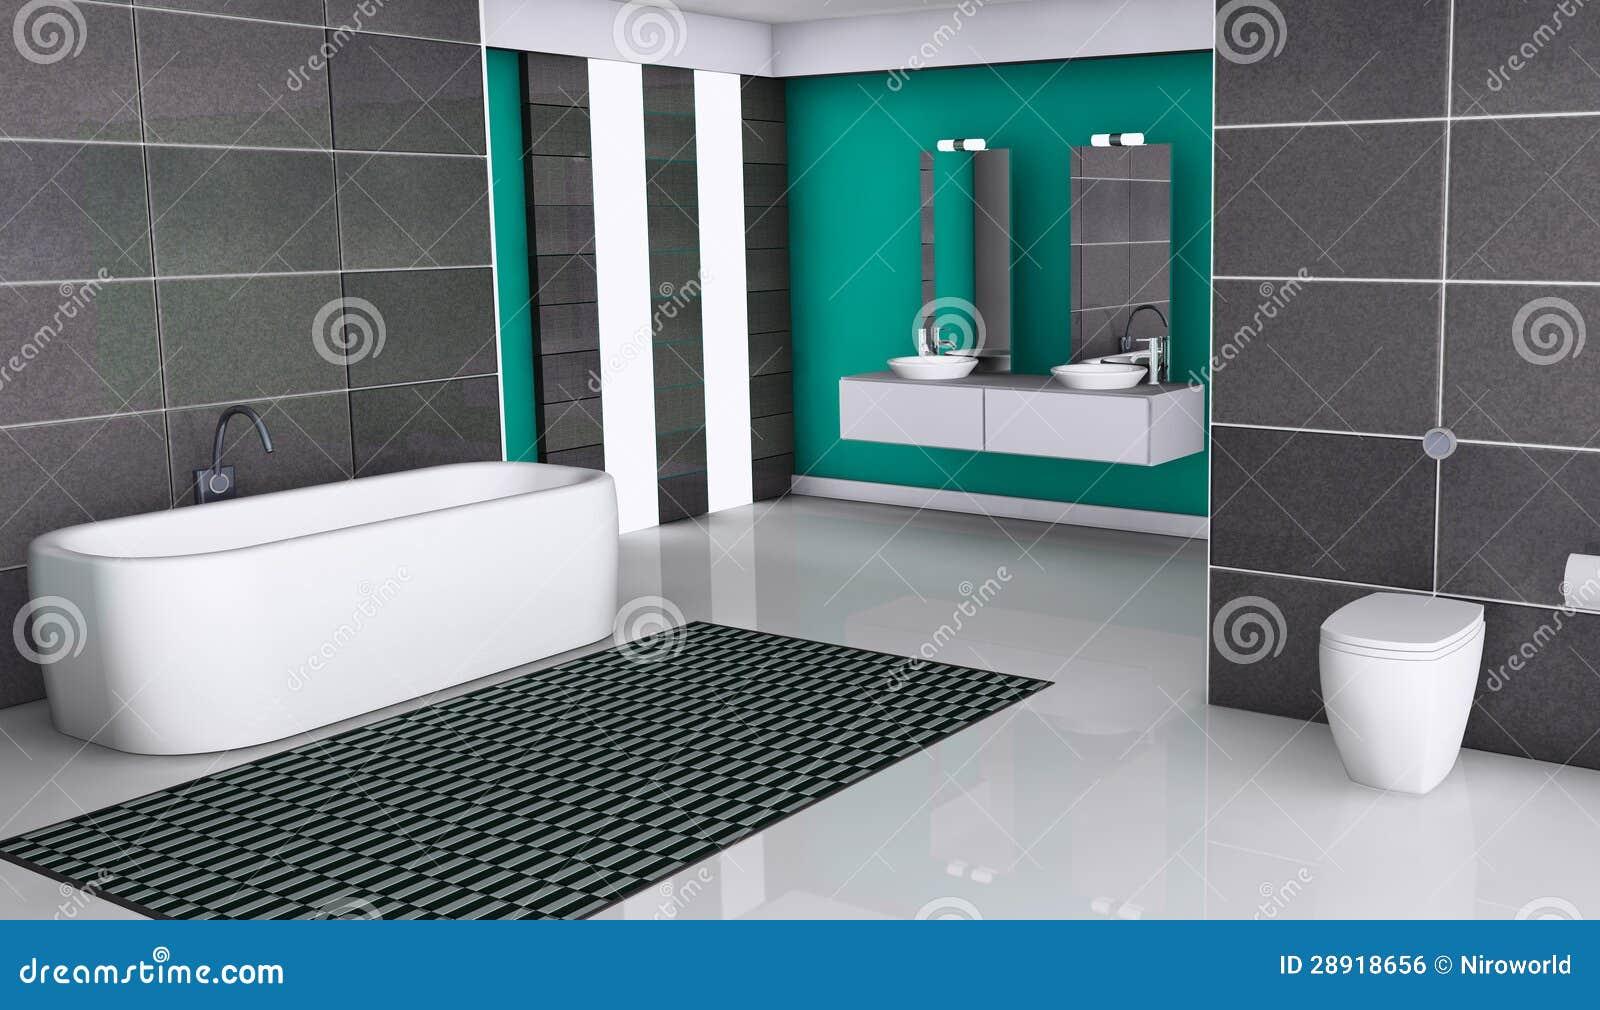 Diseno De Baños Con Granito: de archivo libre de regalías: Diseño moderno del cuarto de baño